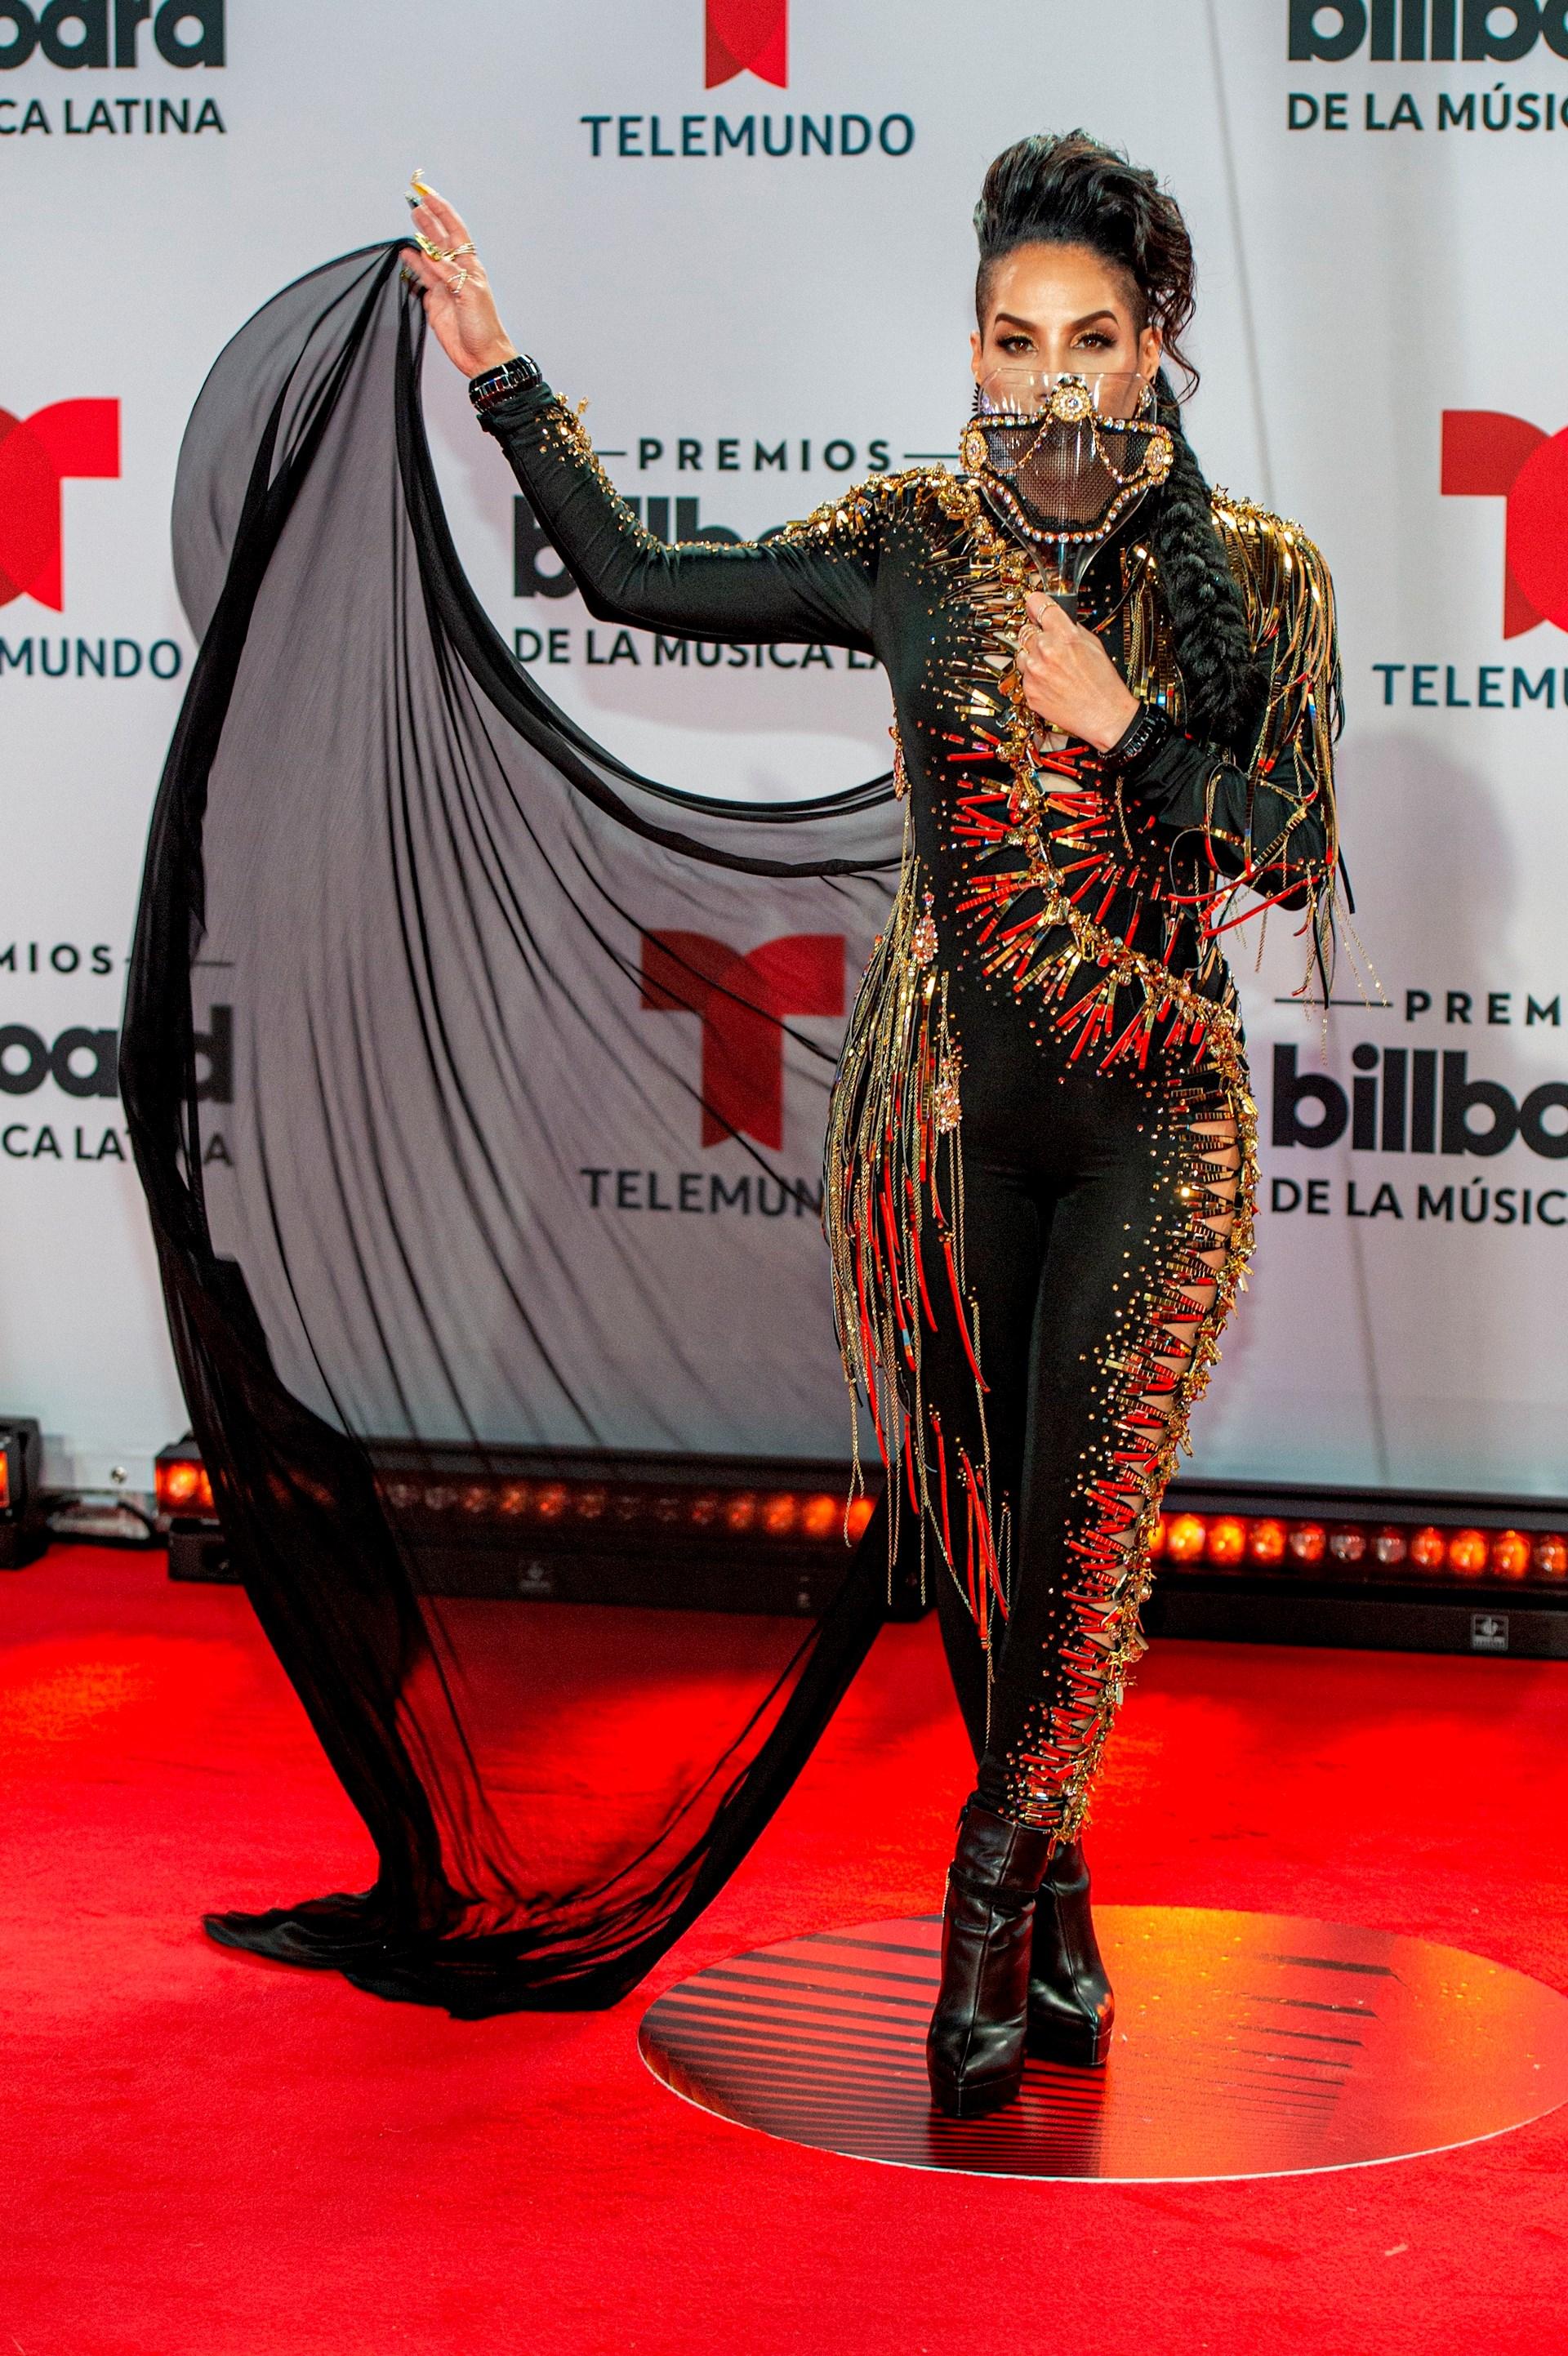 La cantante puertorriqueña Ivy Queen (Foto: EFE/Giorgio Viera)